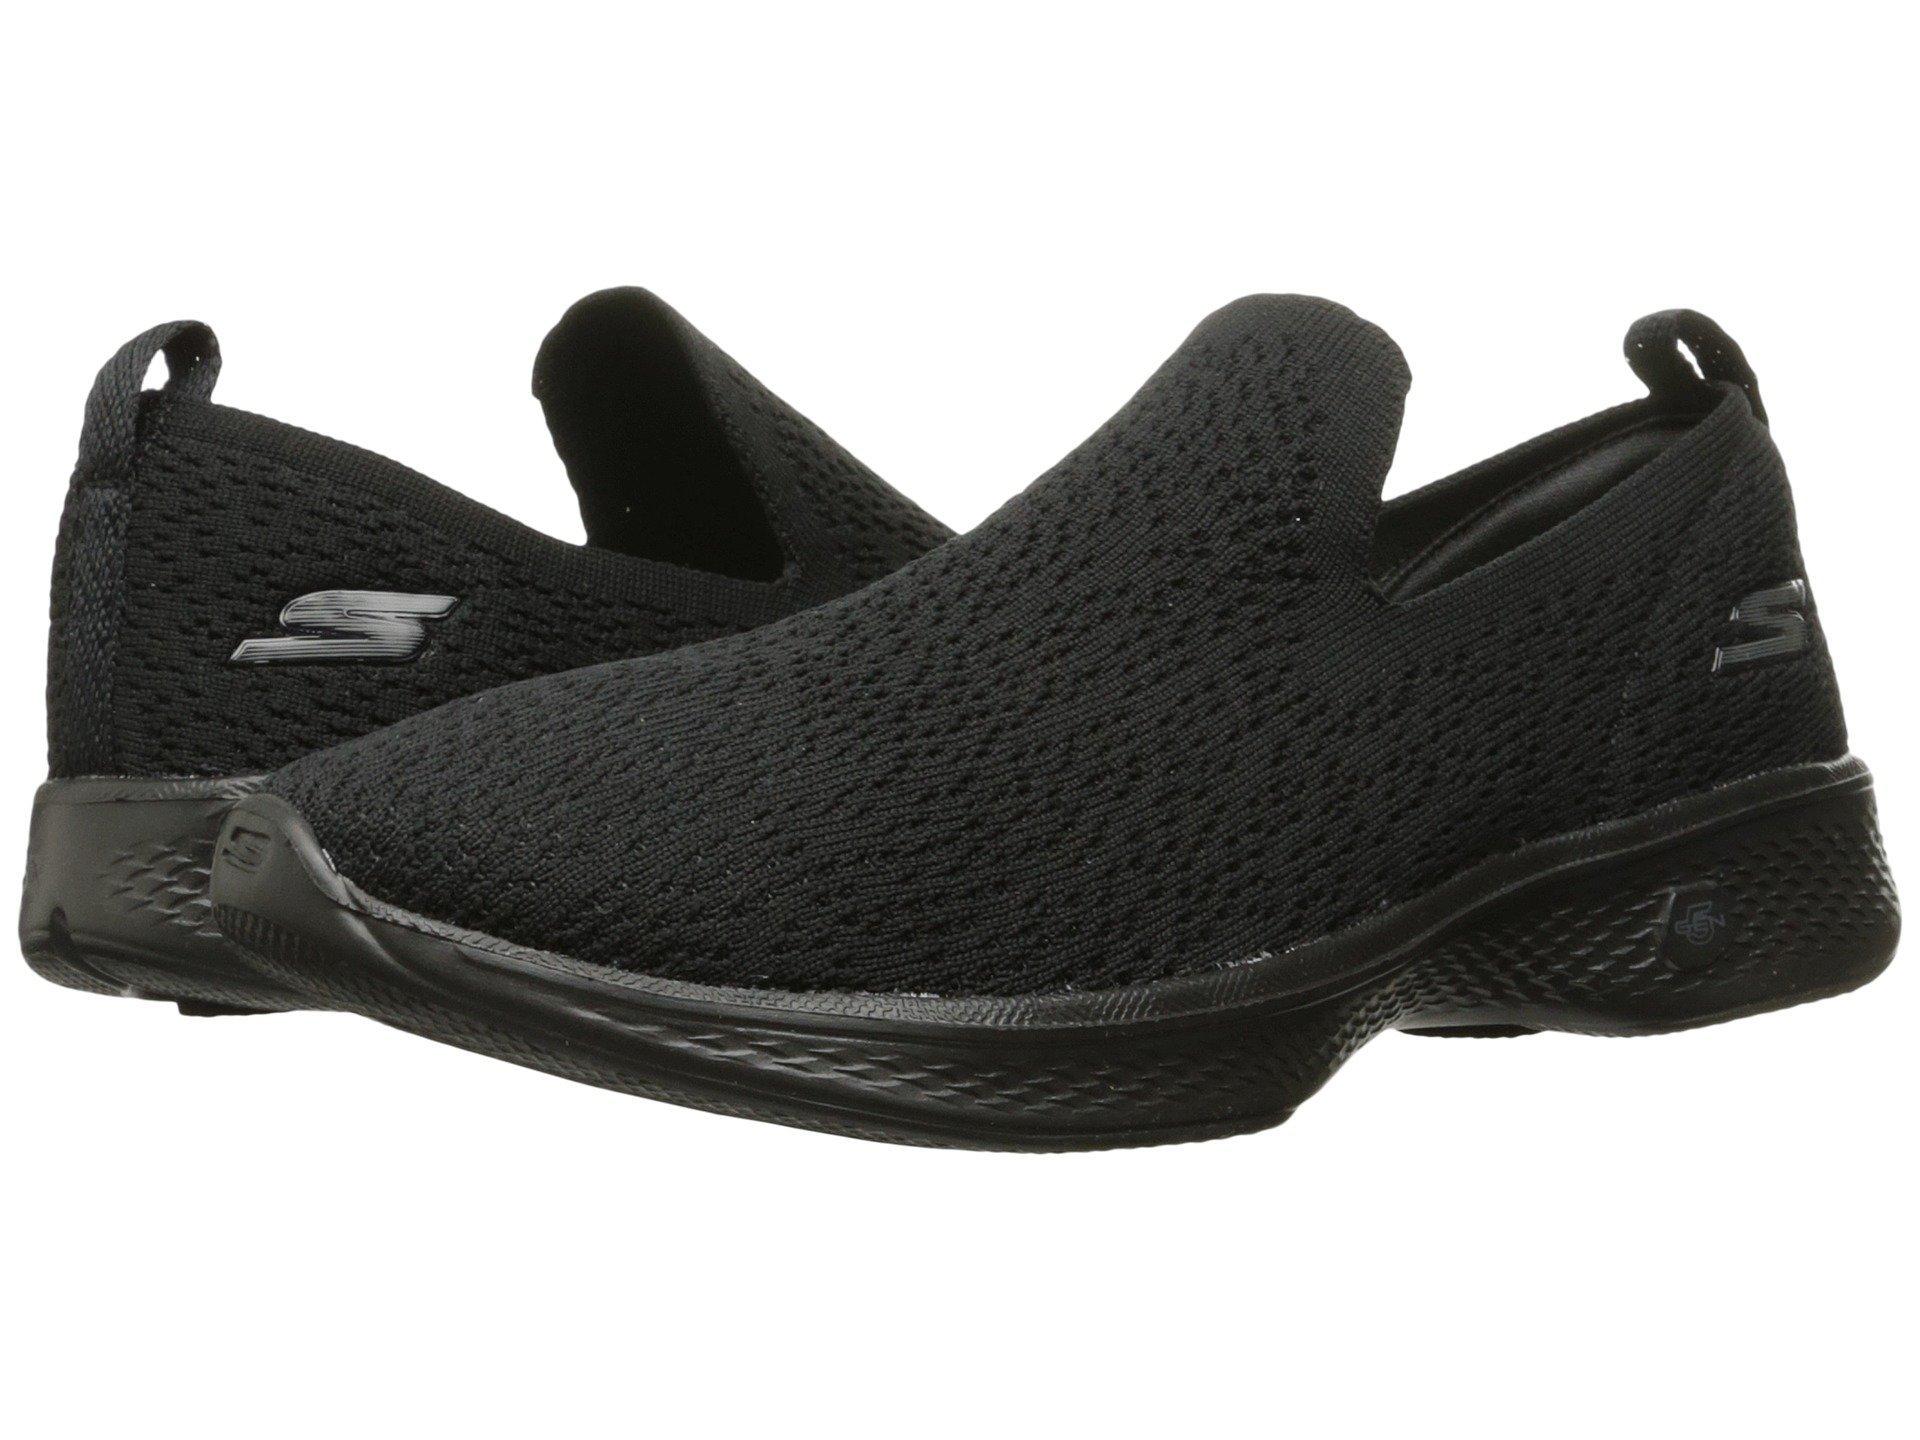 Skechers Performance Women's Go 4-GoWalk14918 Walking Shoe,Black,7.5 M US